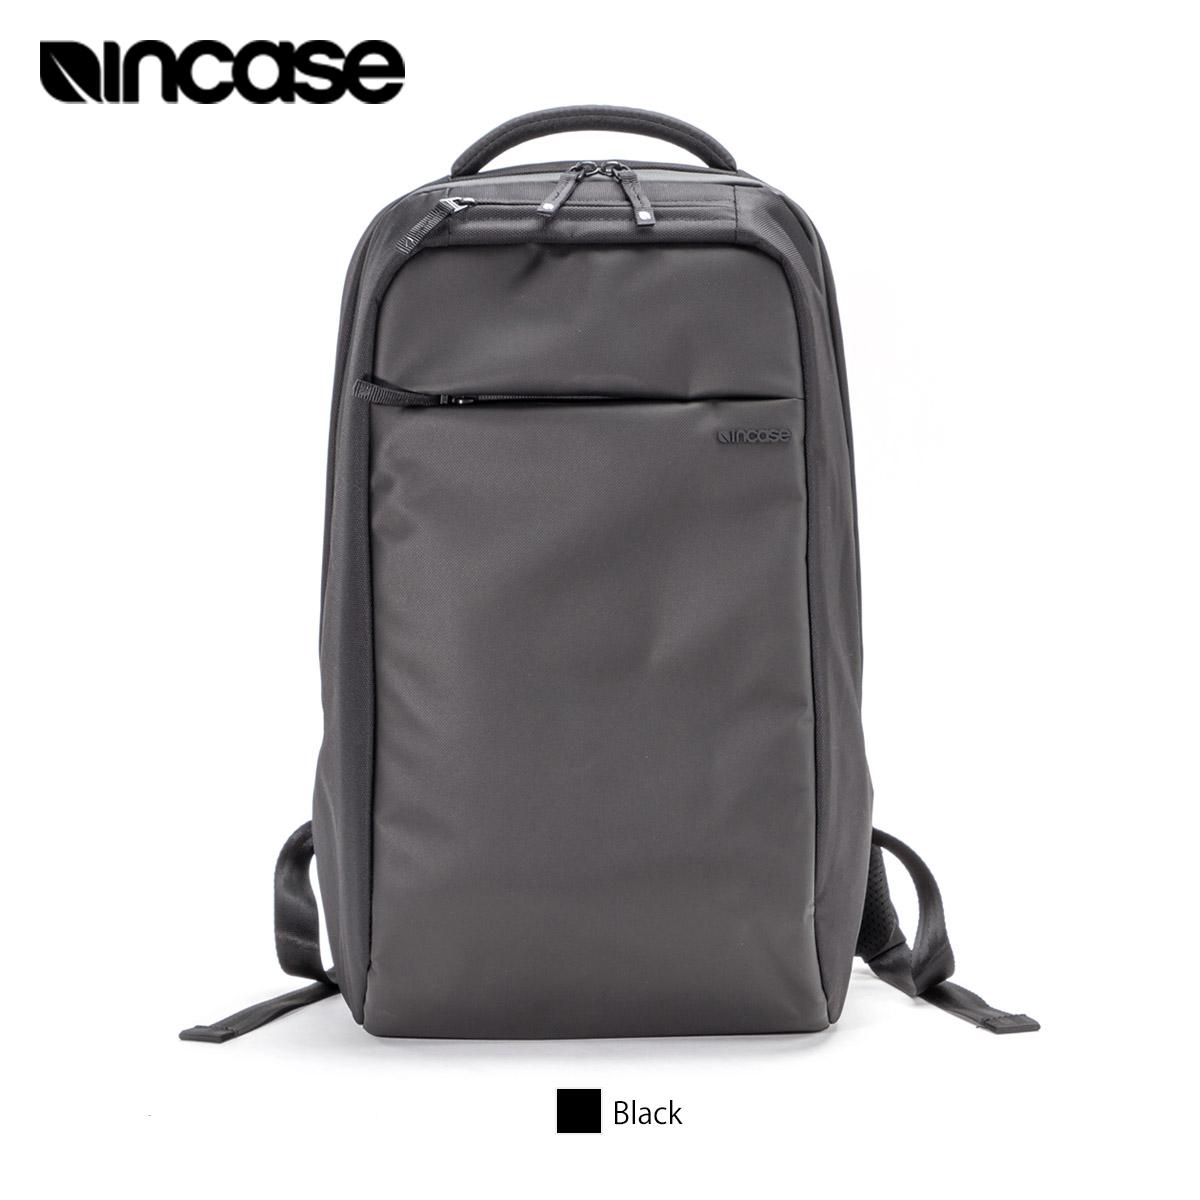 【正規販売店】インケース トリプル バックパック リュック ICON Lite Triple Black Pack インケース INBP100651-BLK